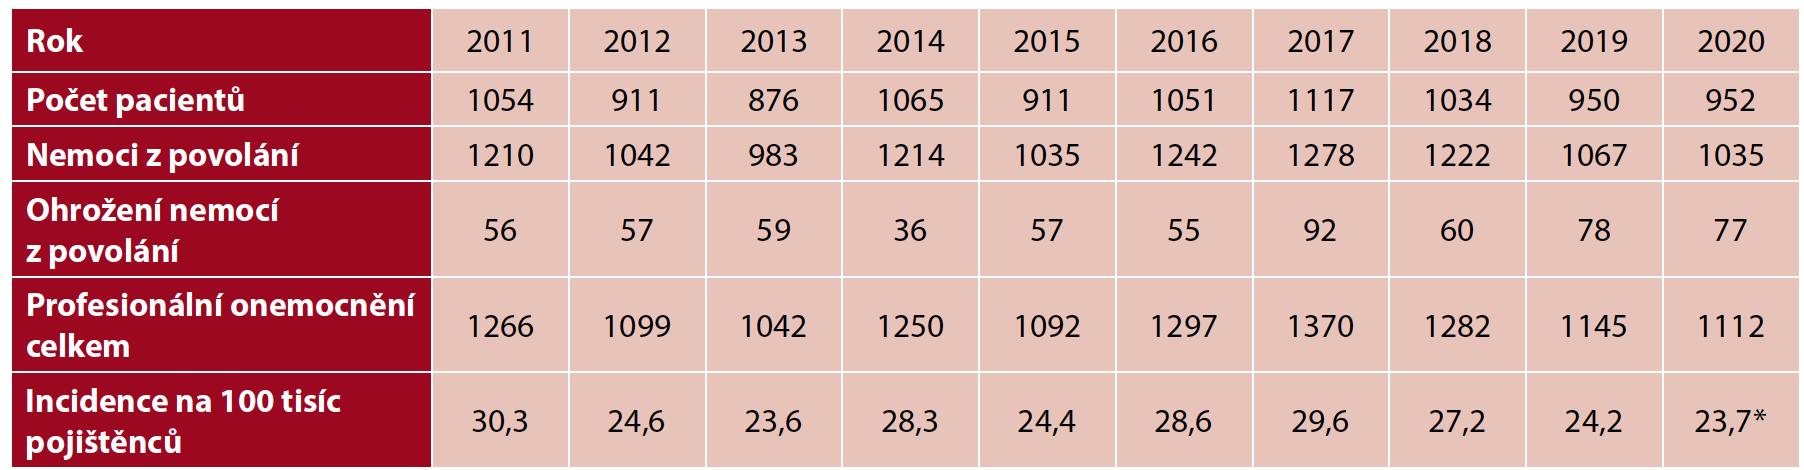 Profesionální onemocnění hlášená v České republice v letech 2011–2020